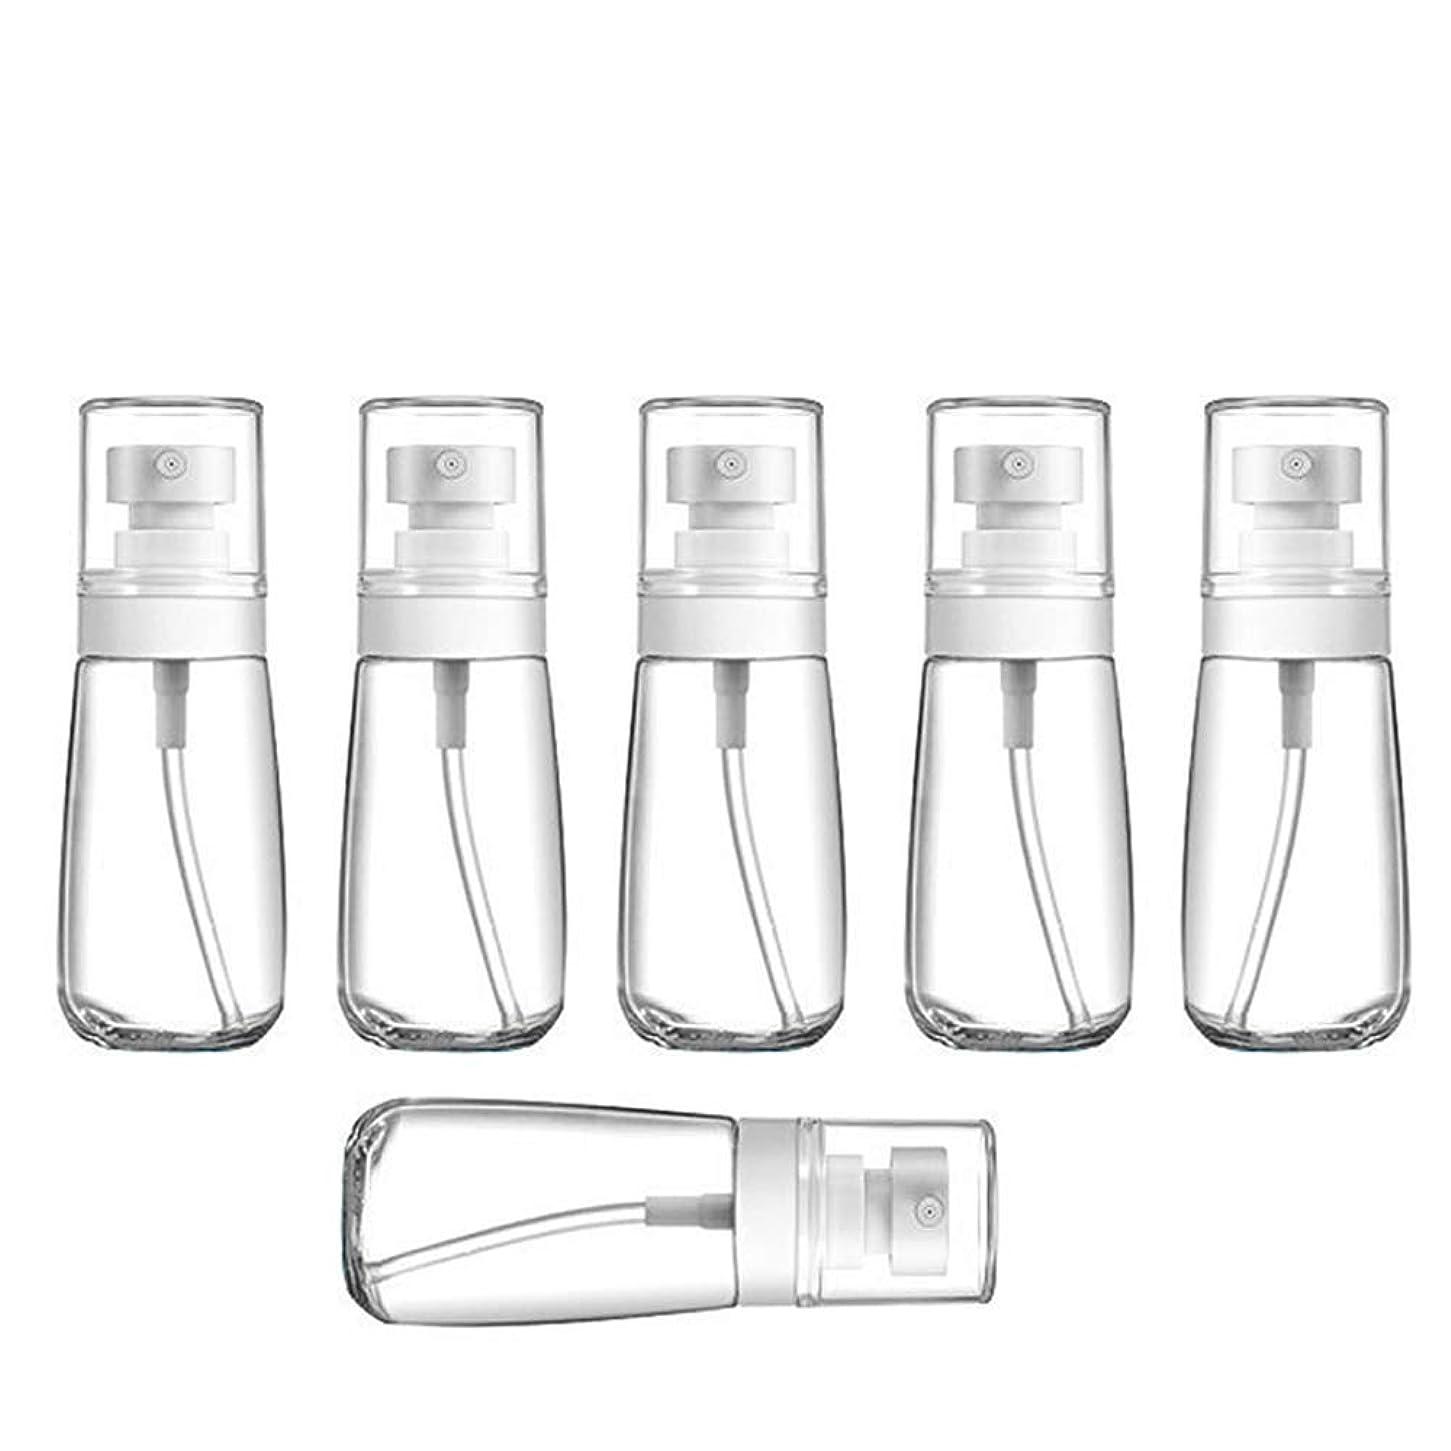 知覚できる移動するフェデレーションYXC 良質の PETG小分けボトル トラベルボトル スプレーボトル 家に清潔消毒 緑の植物に水遣る 6本セット 日本小スプレーボトル 化粧水 詰替用ボトル 旅行用品 (60ML6本)